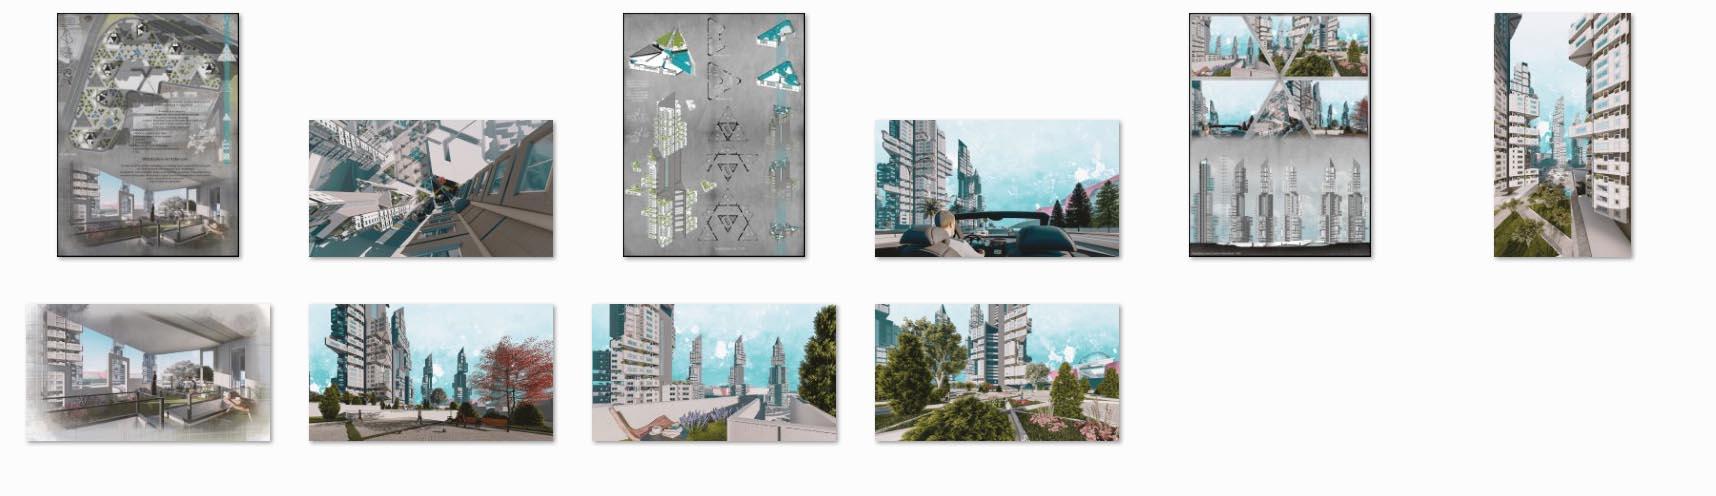 اینترنت اشیا و معماری